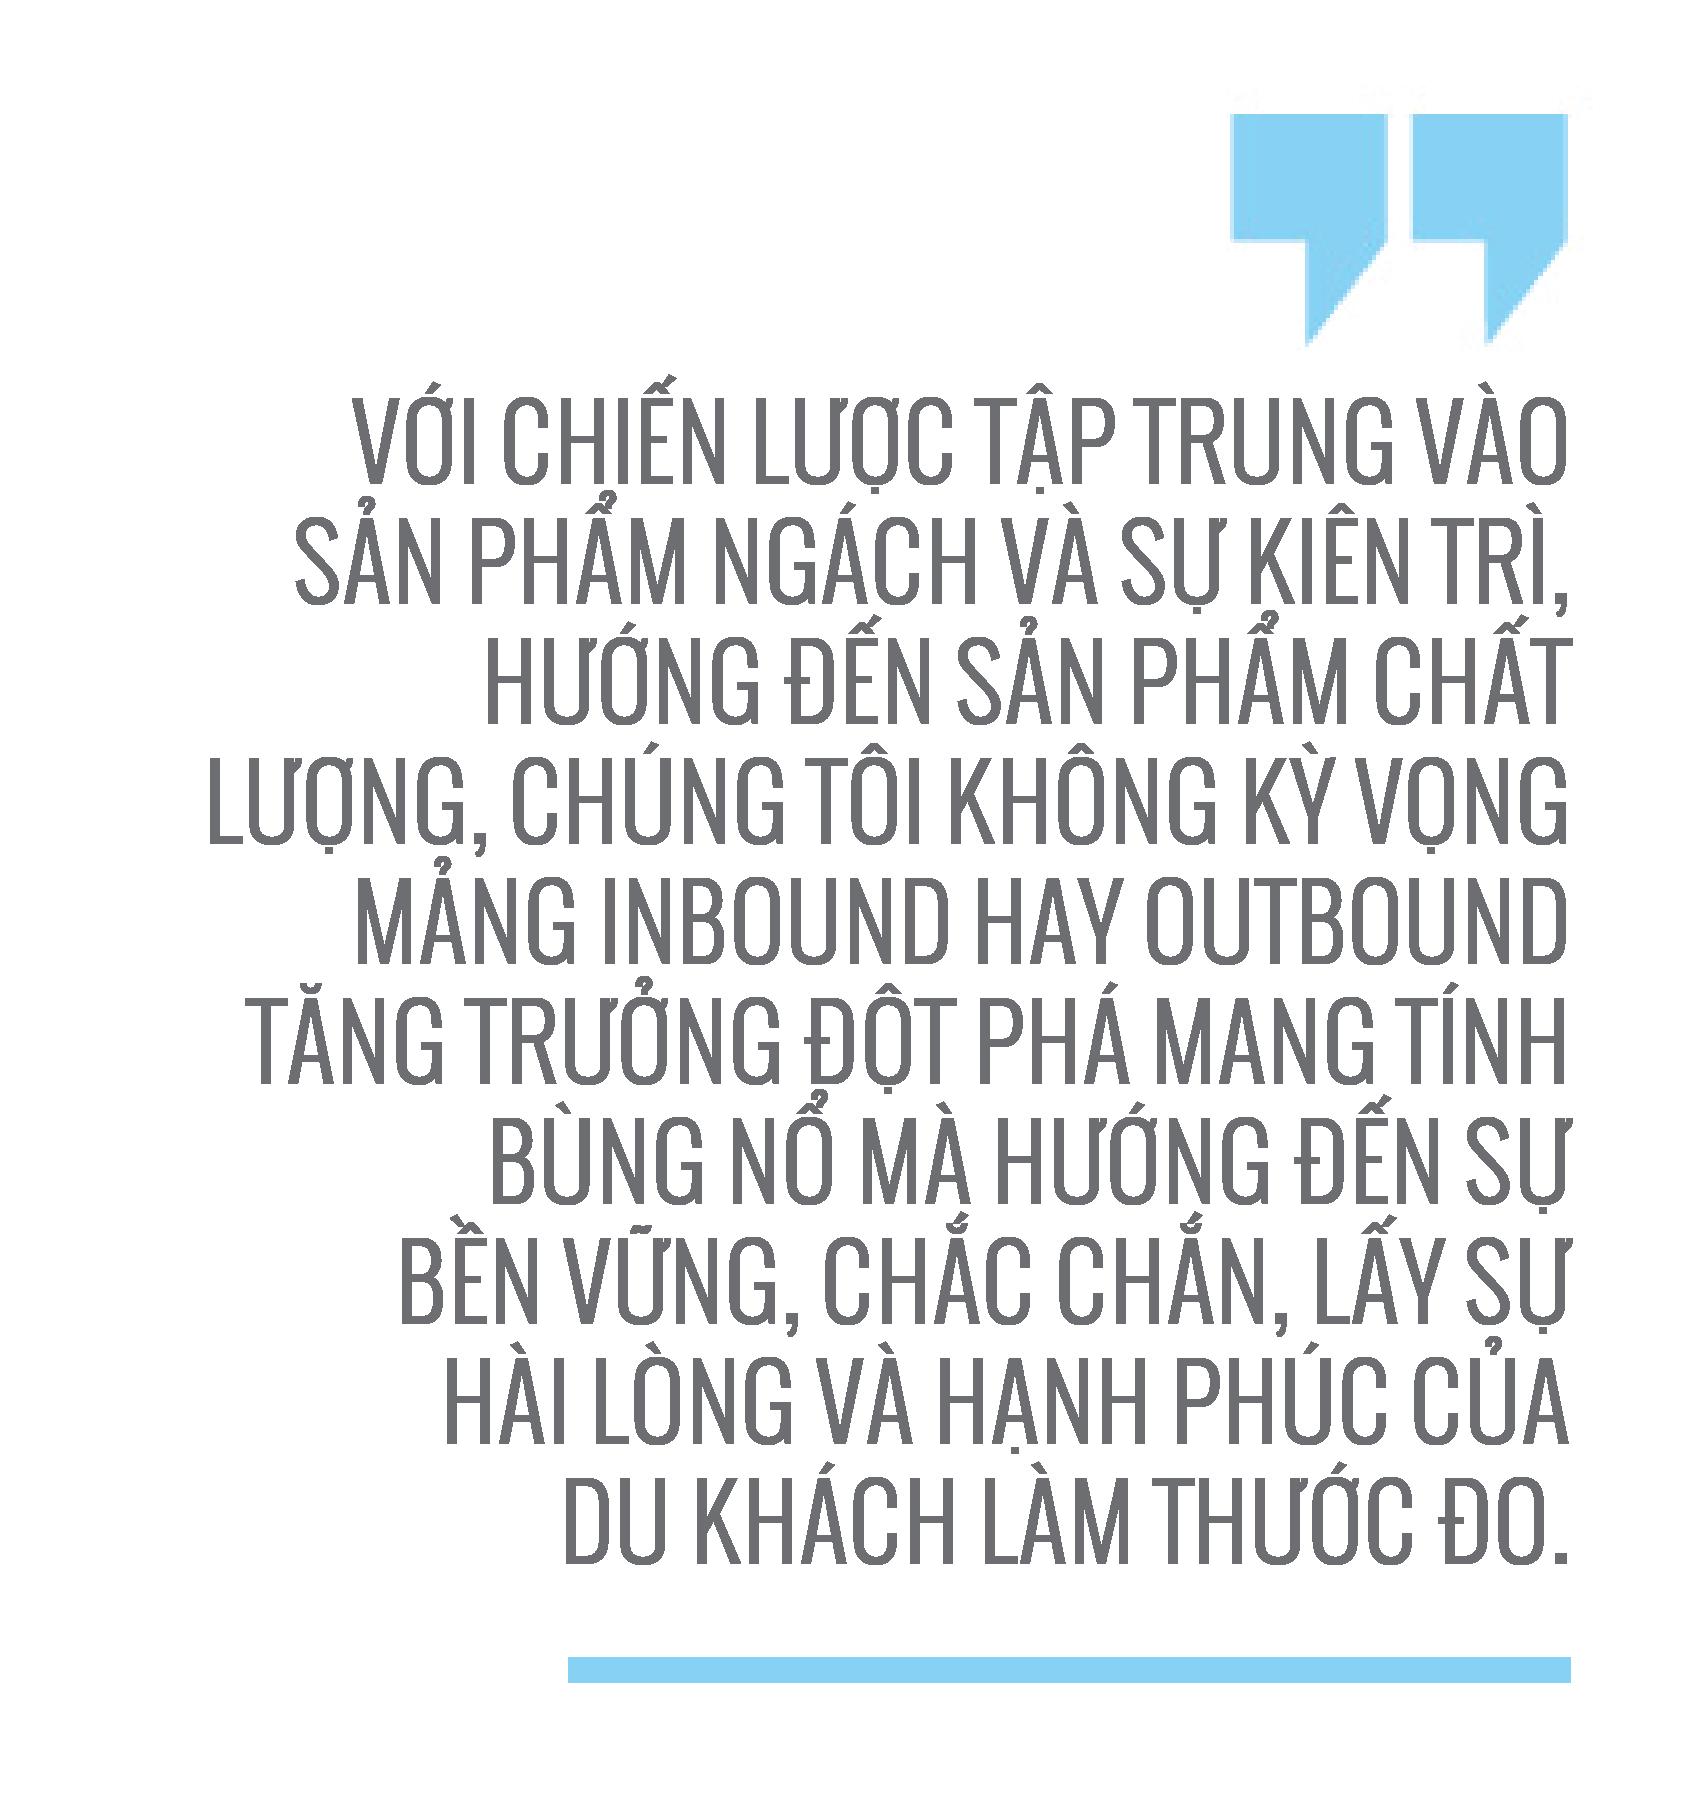 Ông Lại Minh Duy, Tổng giám đốc Công ty Du lịch TST -2